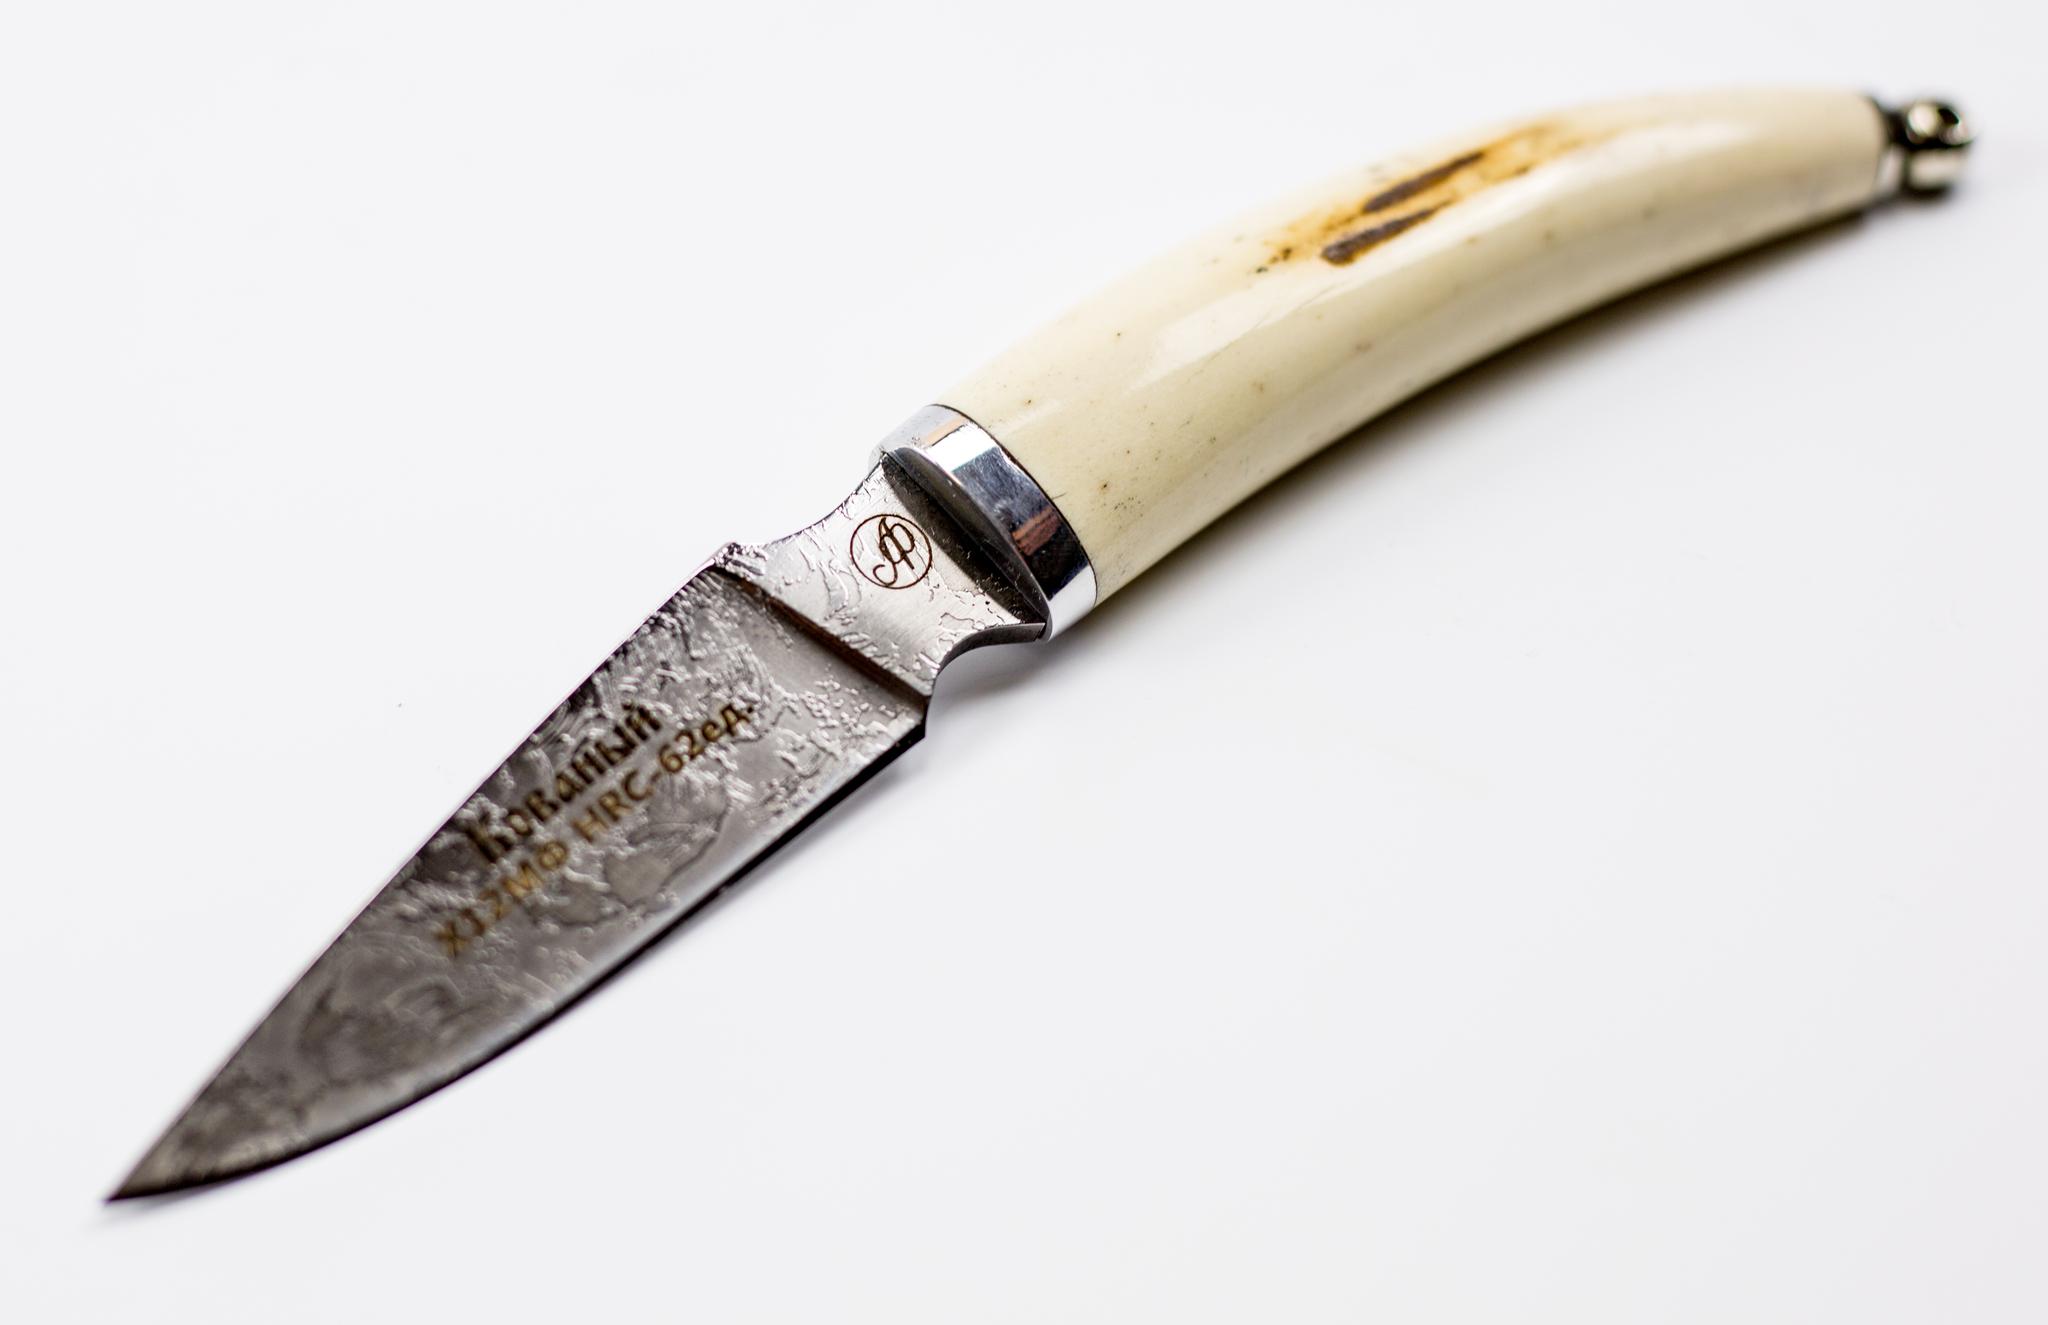 Нож Рысь малютка, Х12МФ, ручная работа нож пластунский малый сталь х12мф латунь